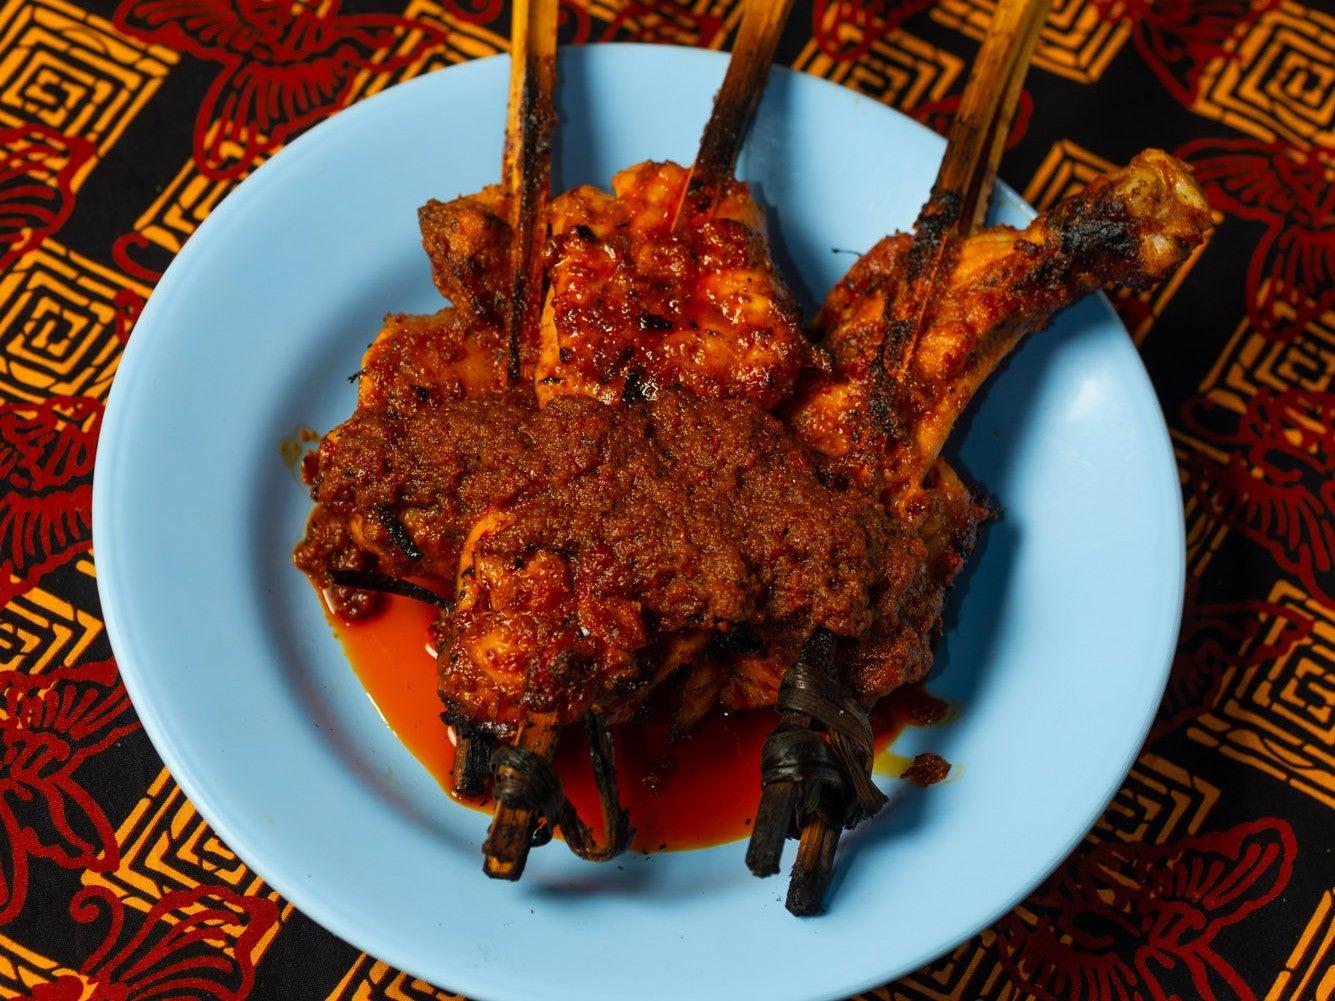 Thai Grilled Chicken from Yala Thailand by Austin Bush